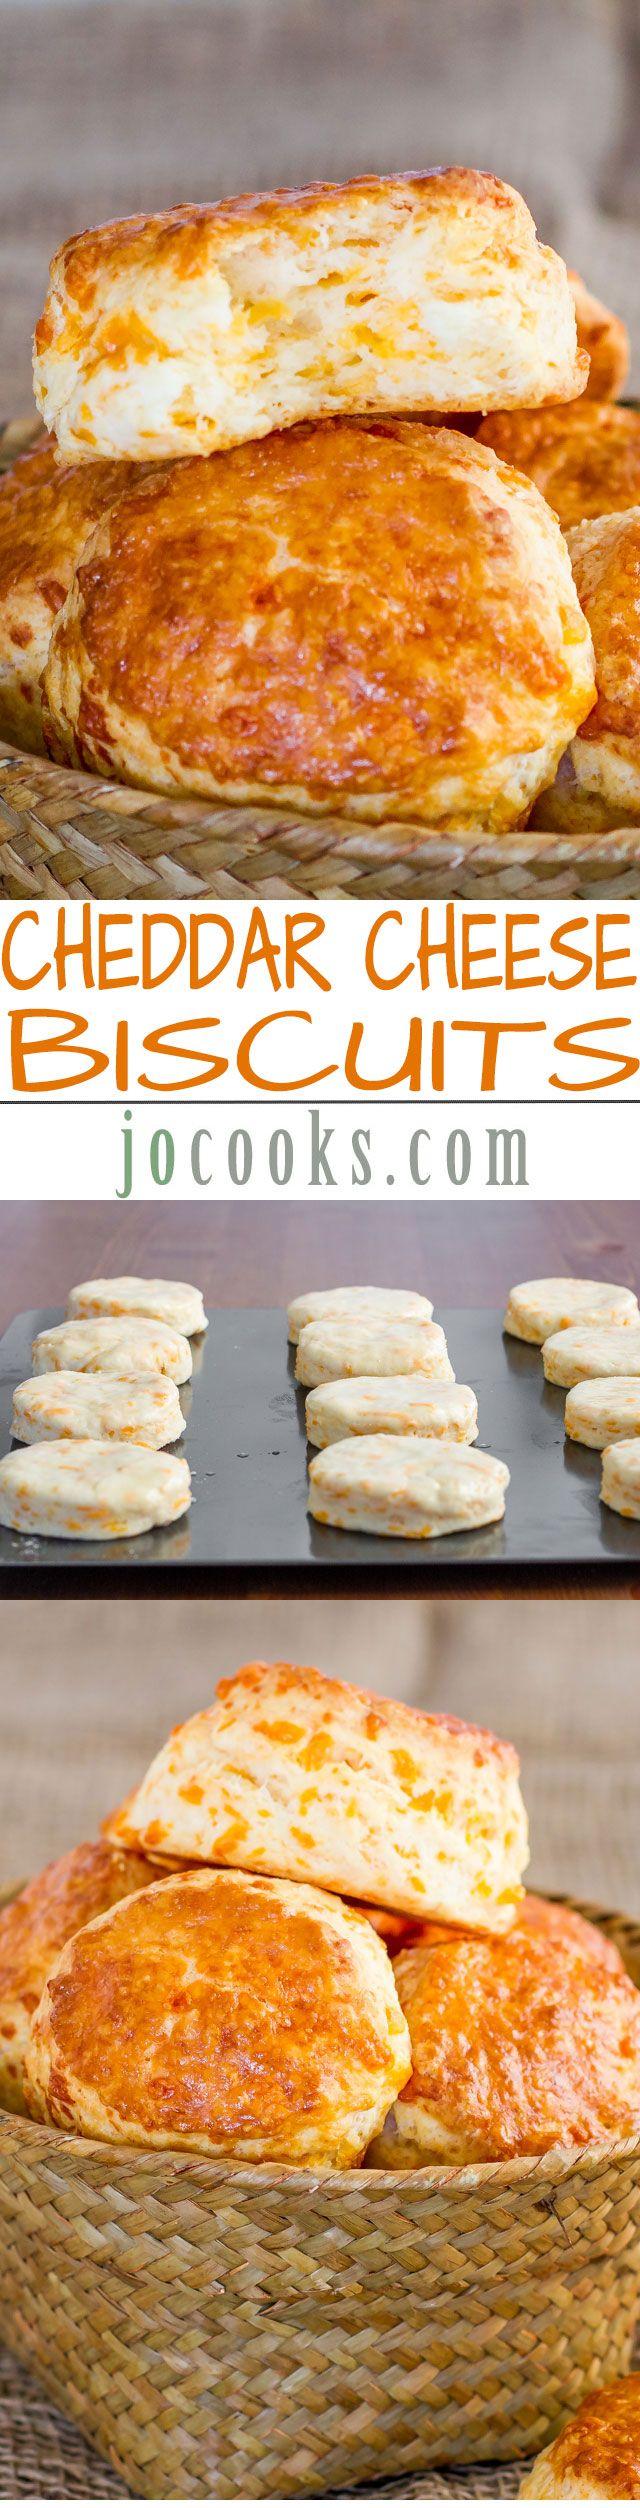 Cheddar Cheese Buttermilk Biscuits Buttermilk Recipes Biscuit Recipe Cheese Biscuit Recipes